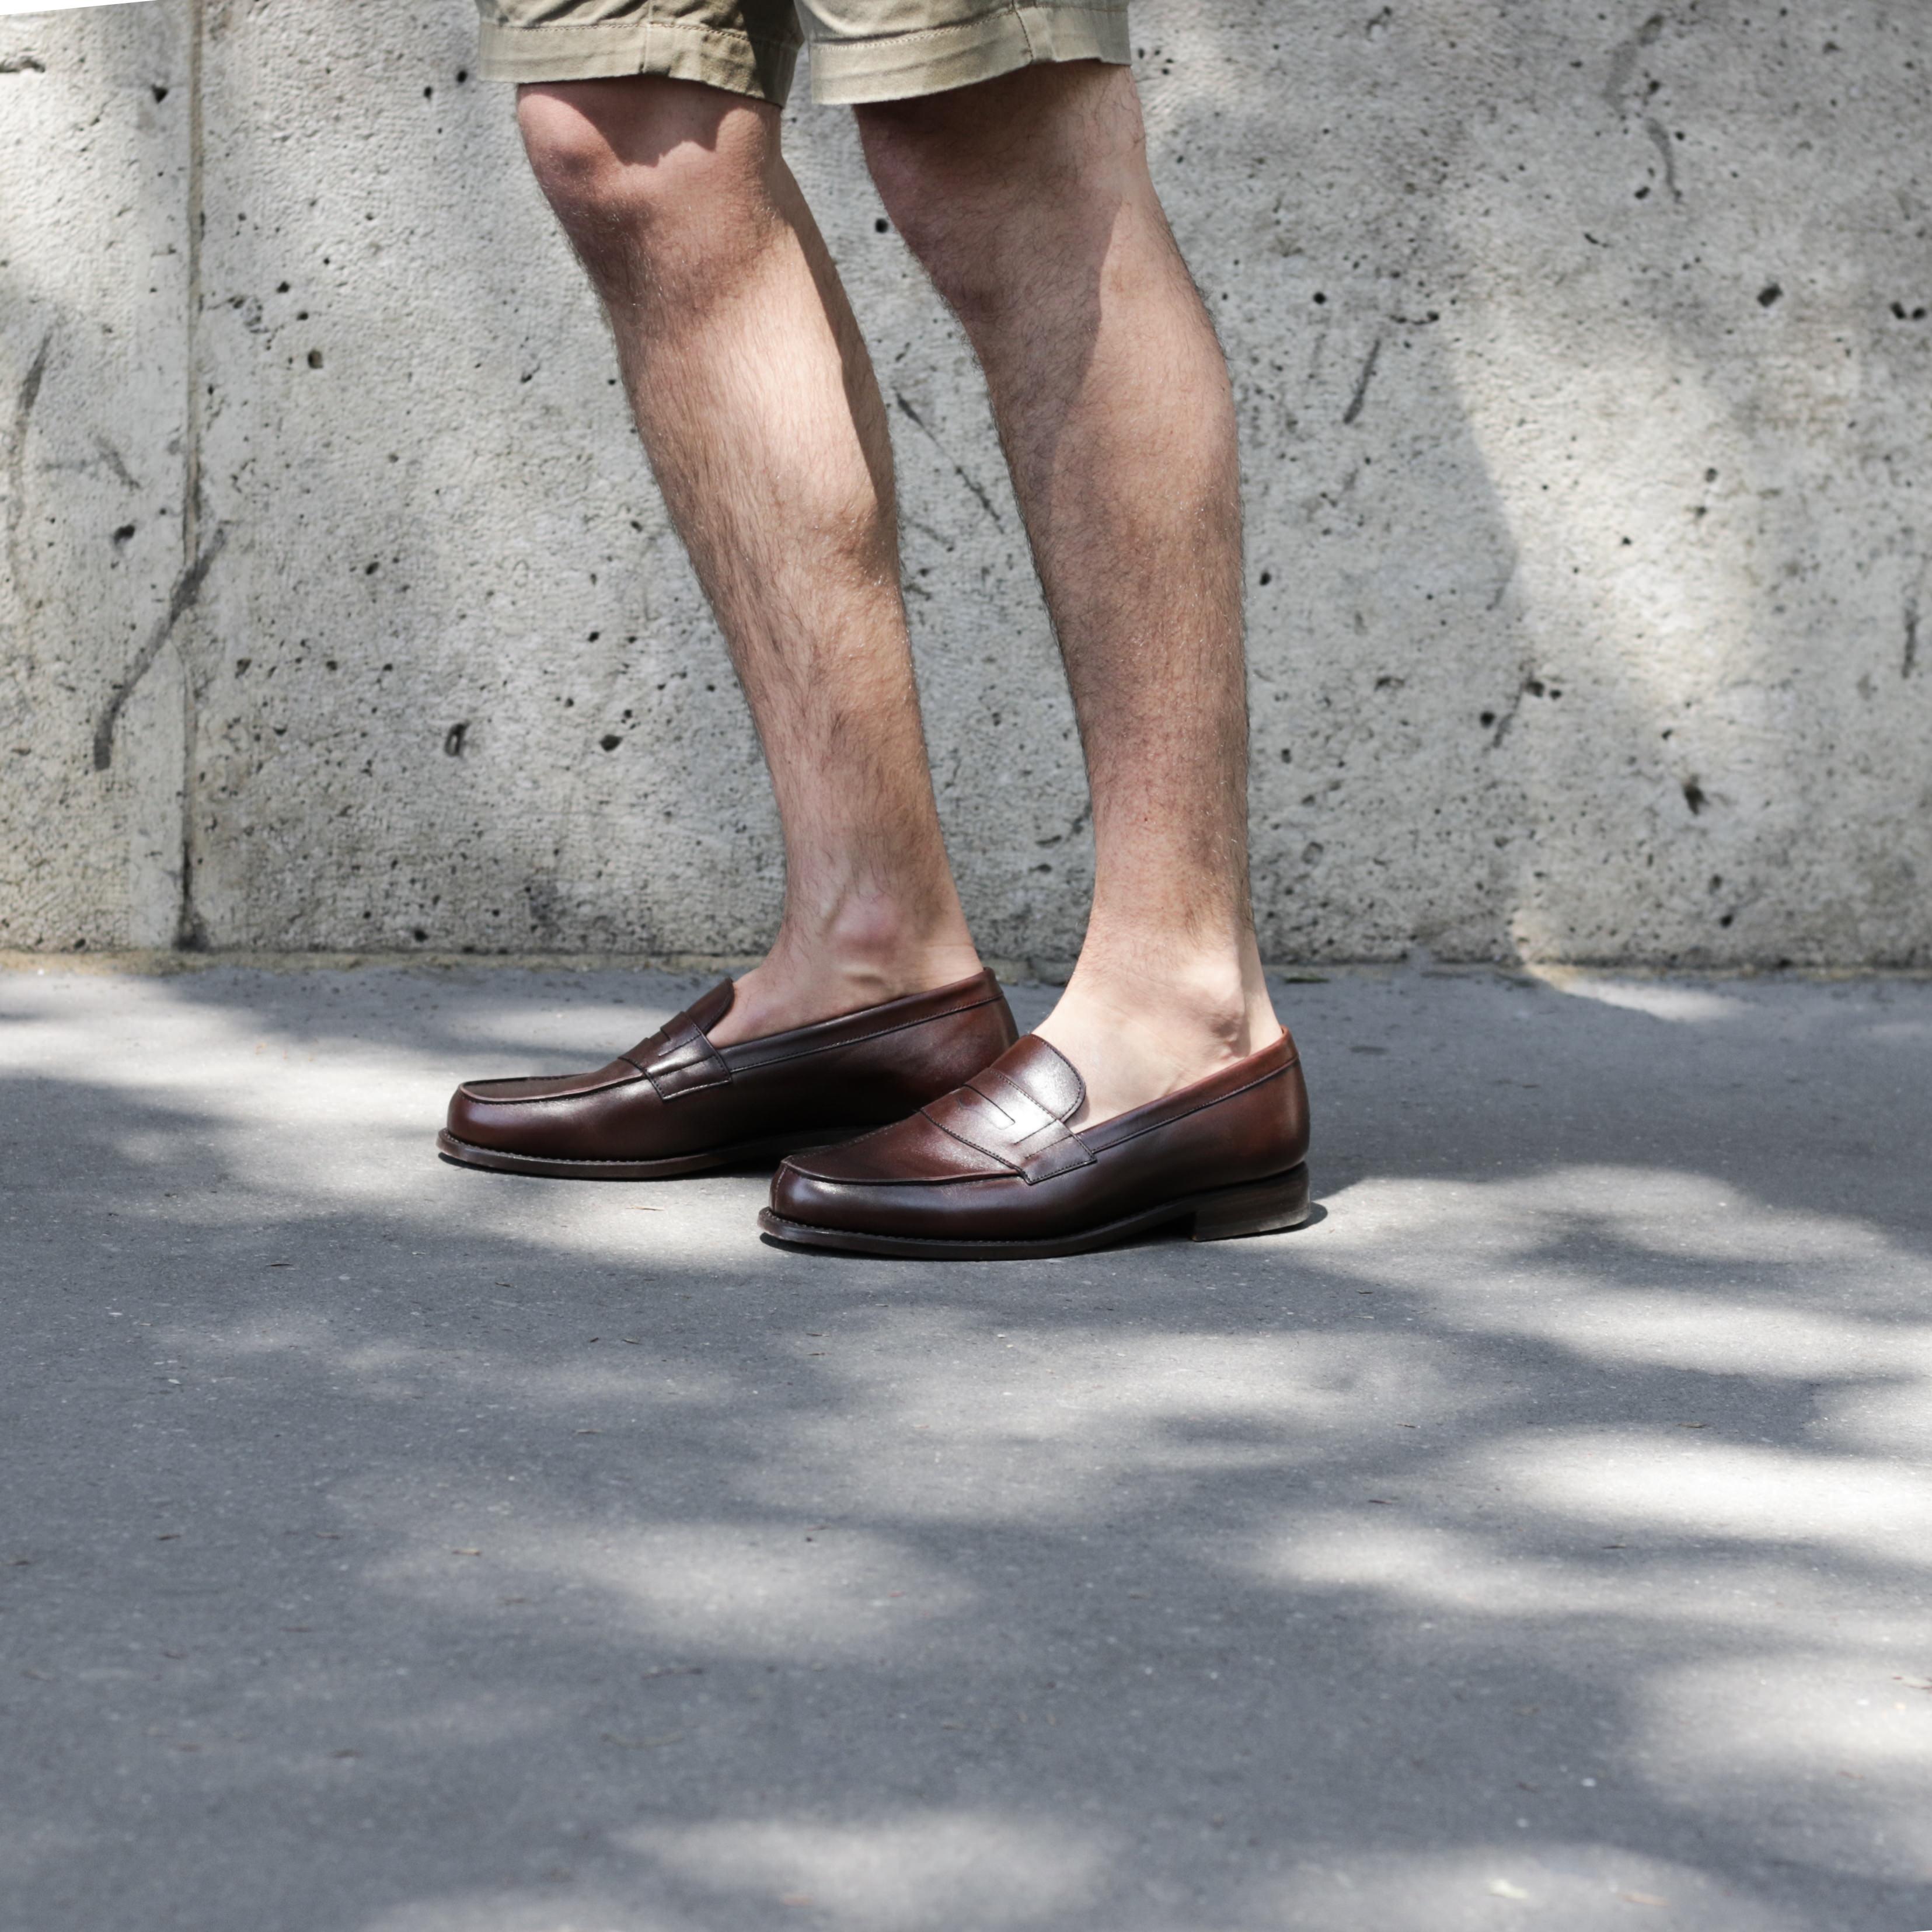 mocassins sans chaussettes